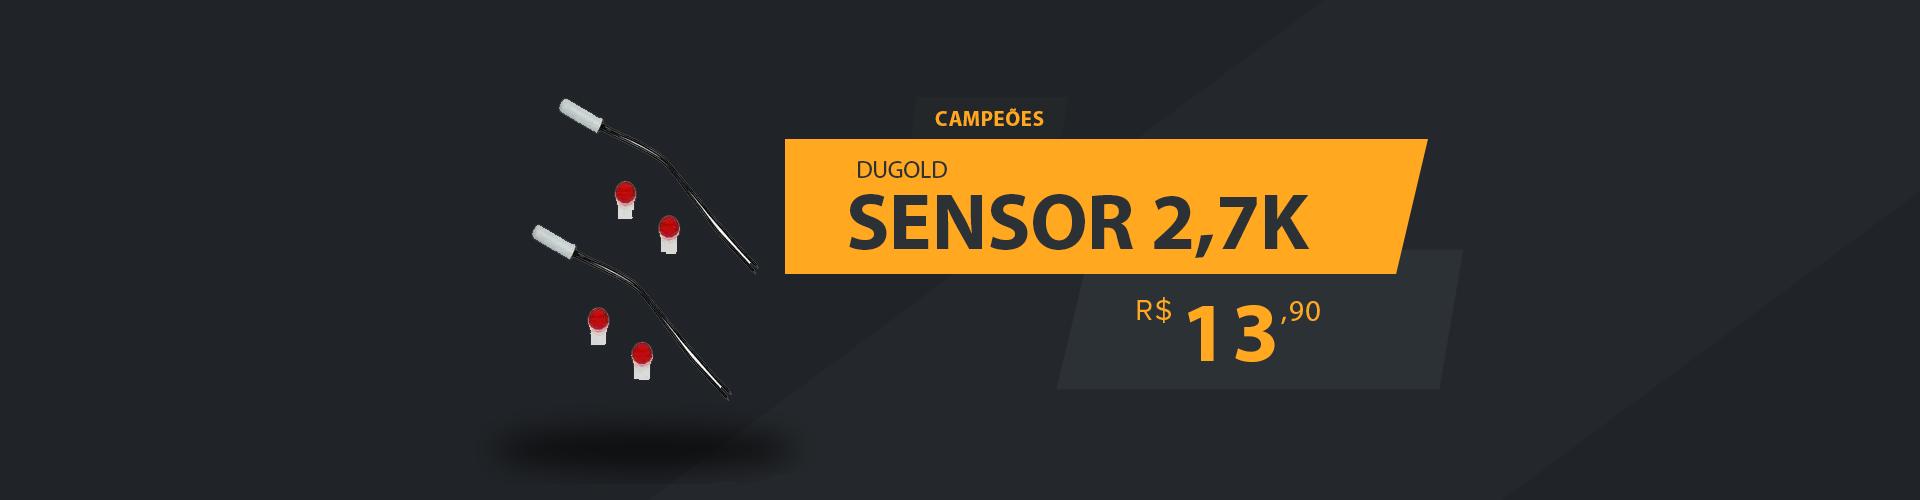 CAMPEÕES SENSOR 2,7K